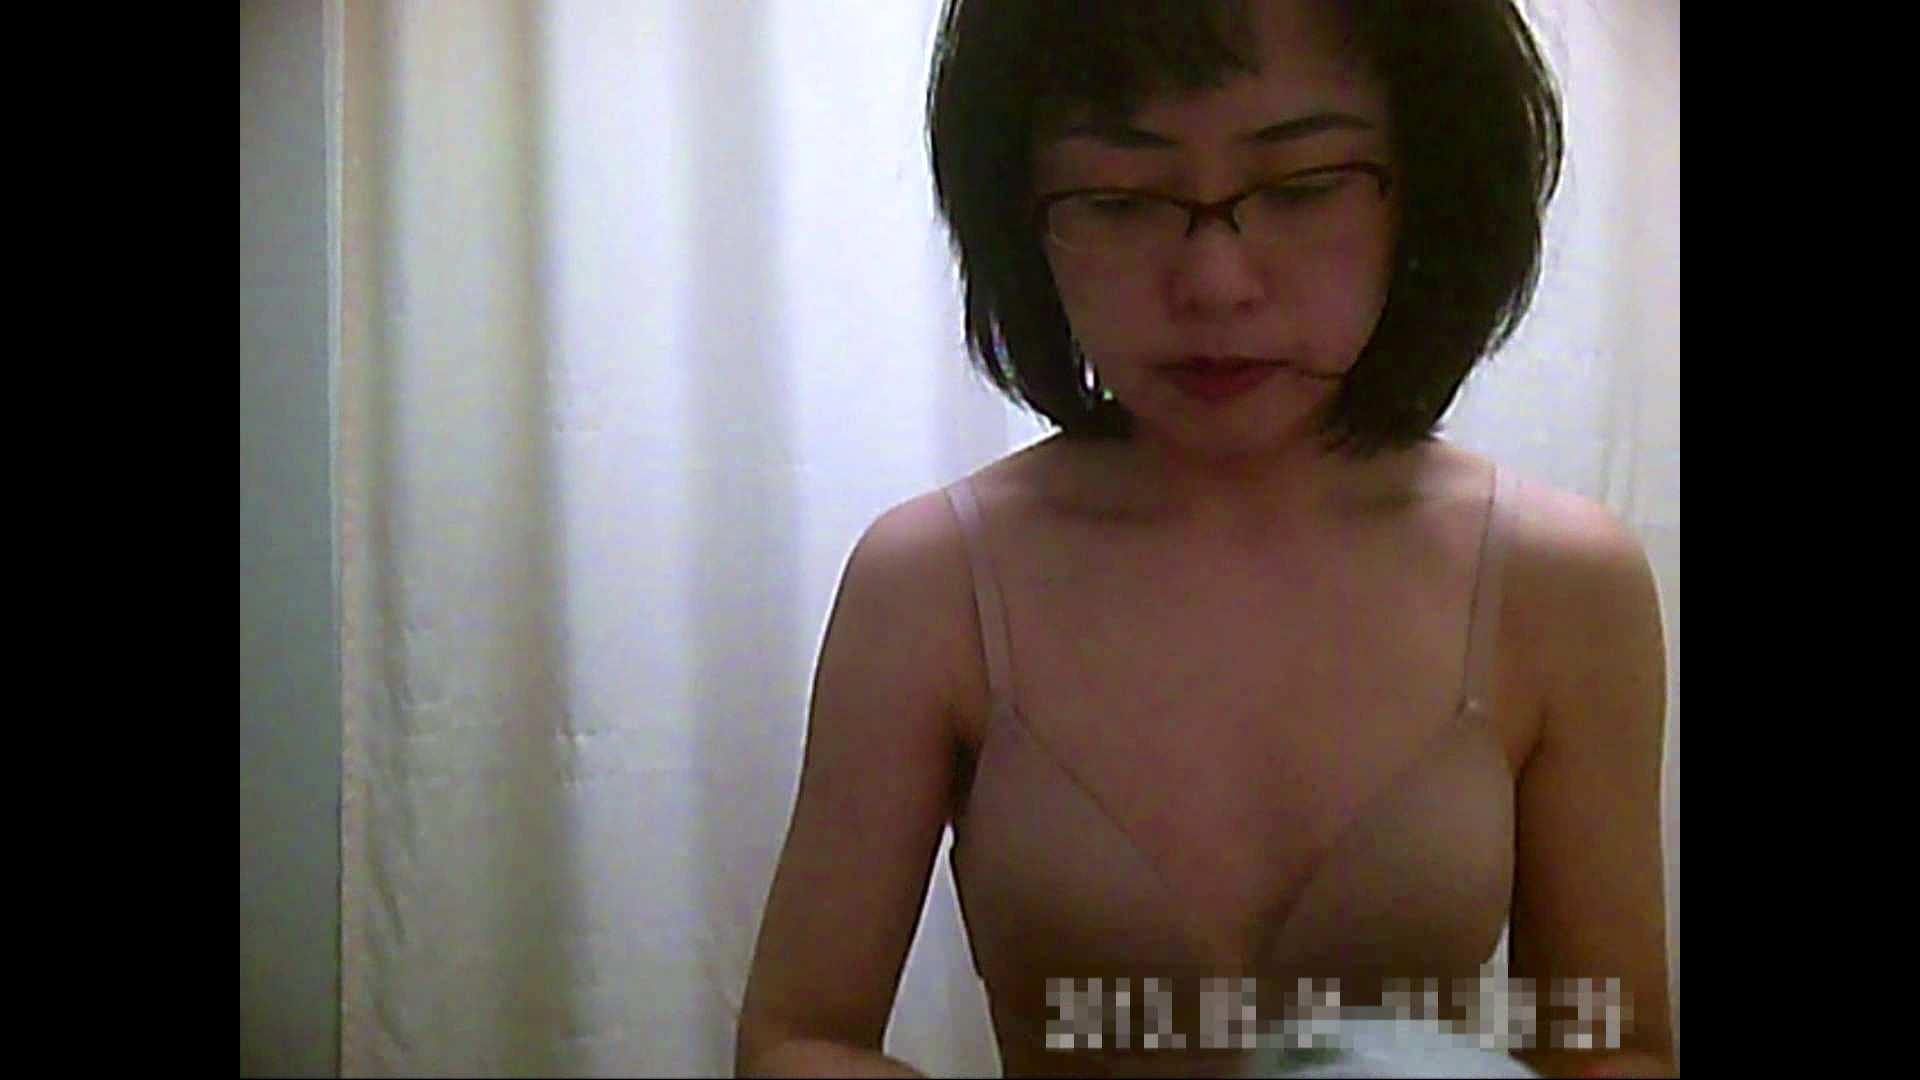 病院おもいっきり着替え! vol.206 貧乳 セックス画像 107pic 97